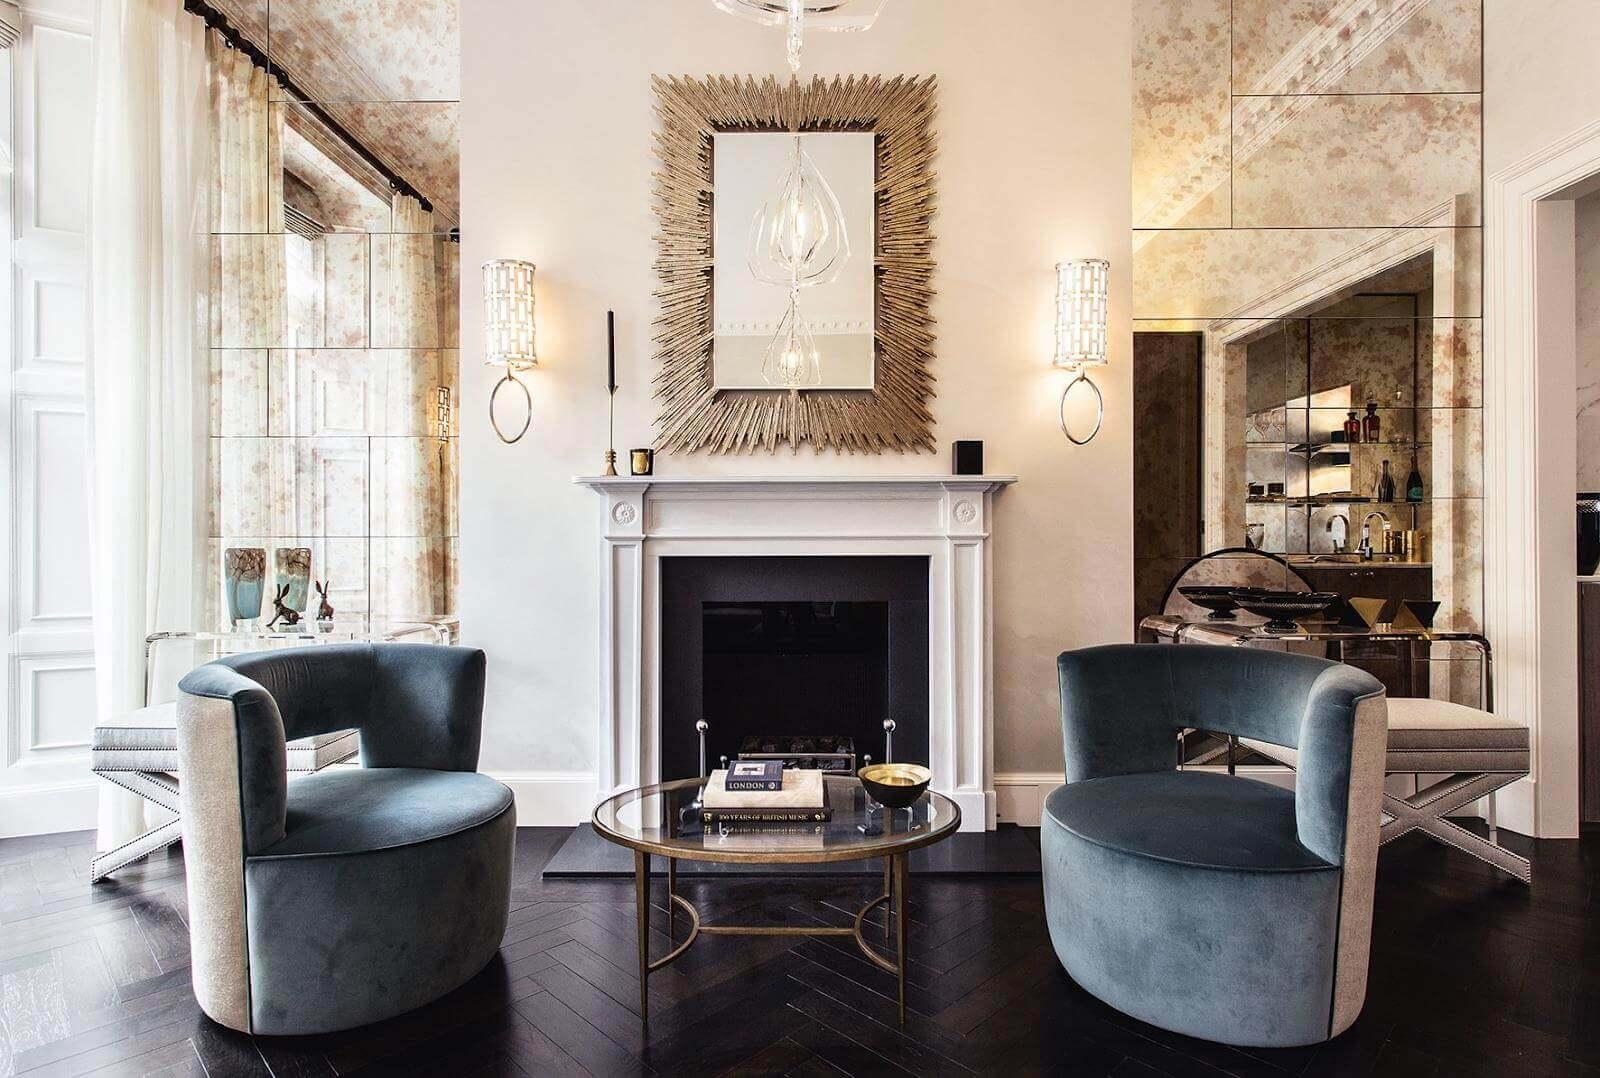 phong cách art deco trong thiết kế nội thất đẹp